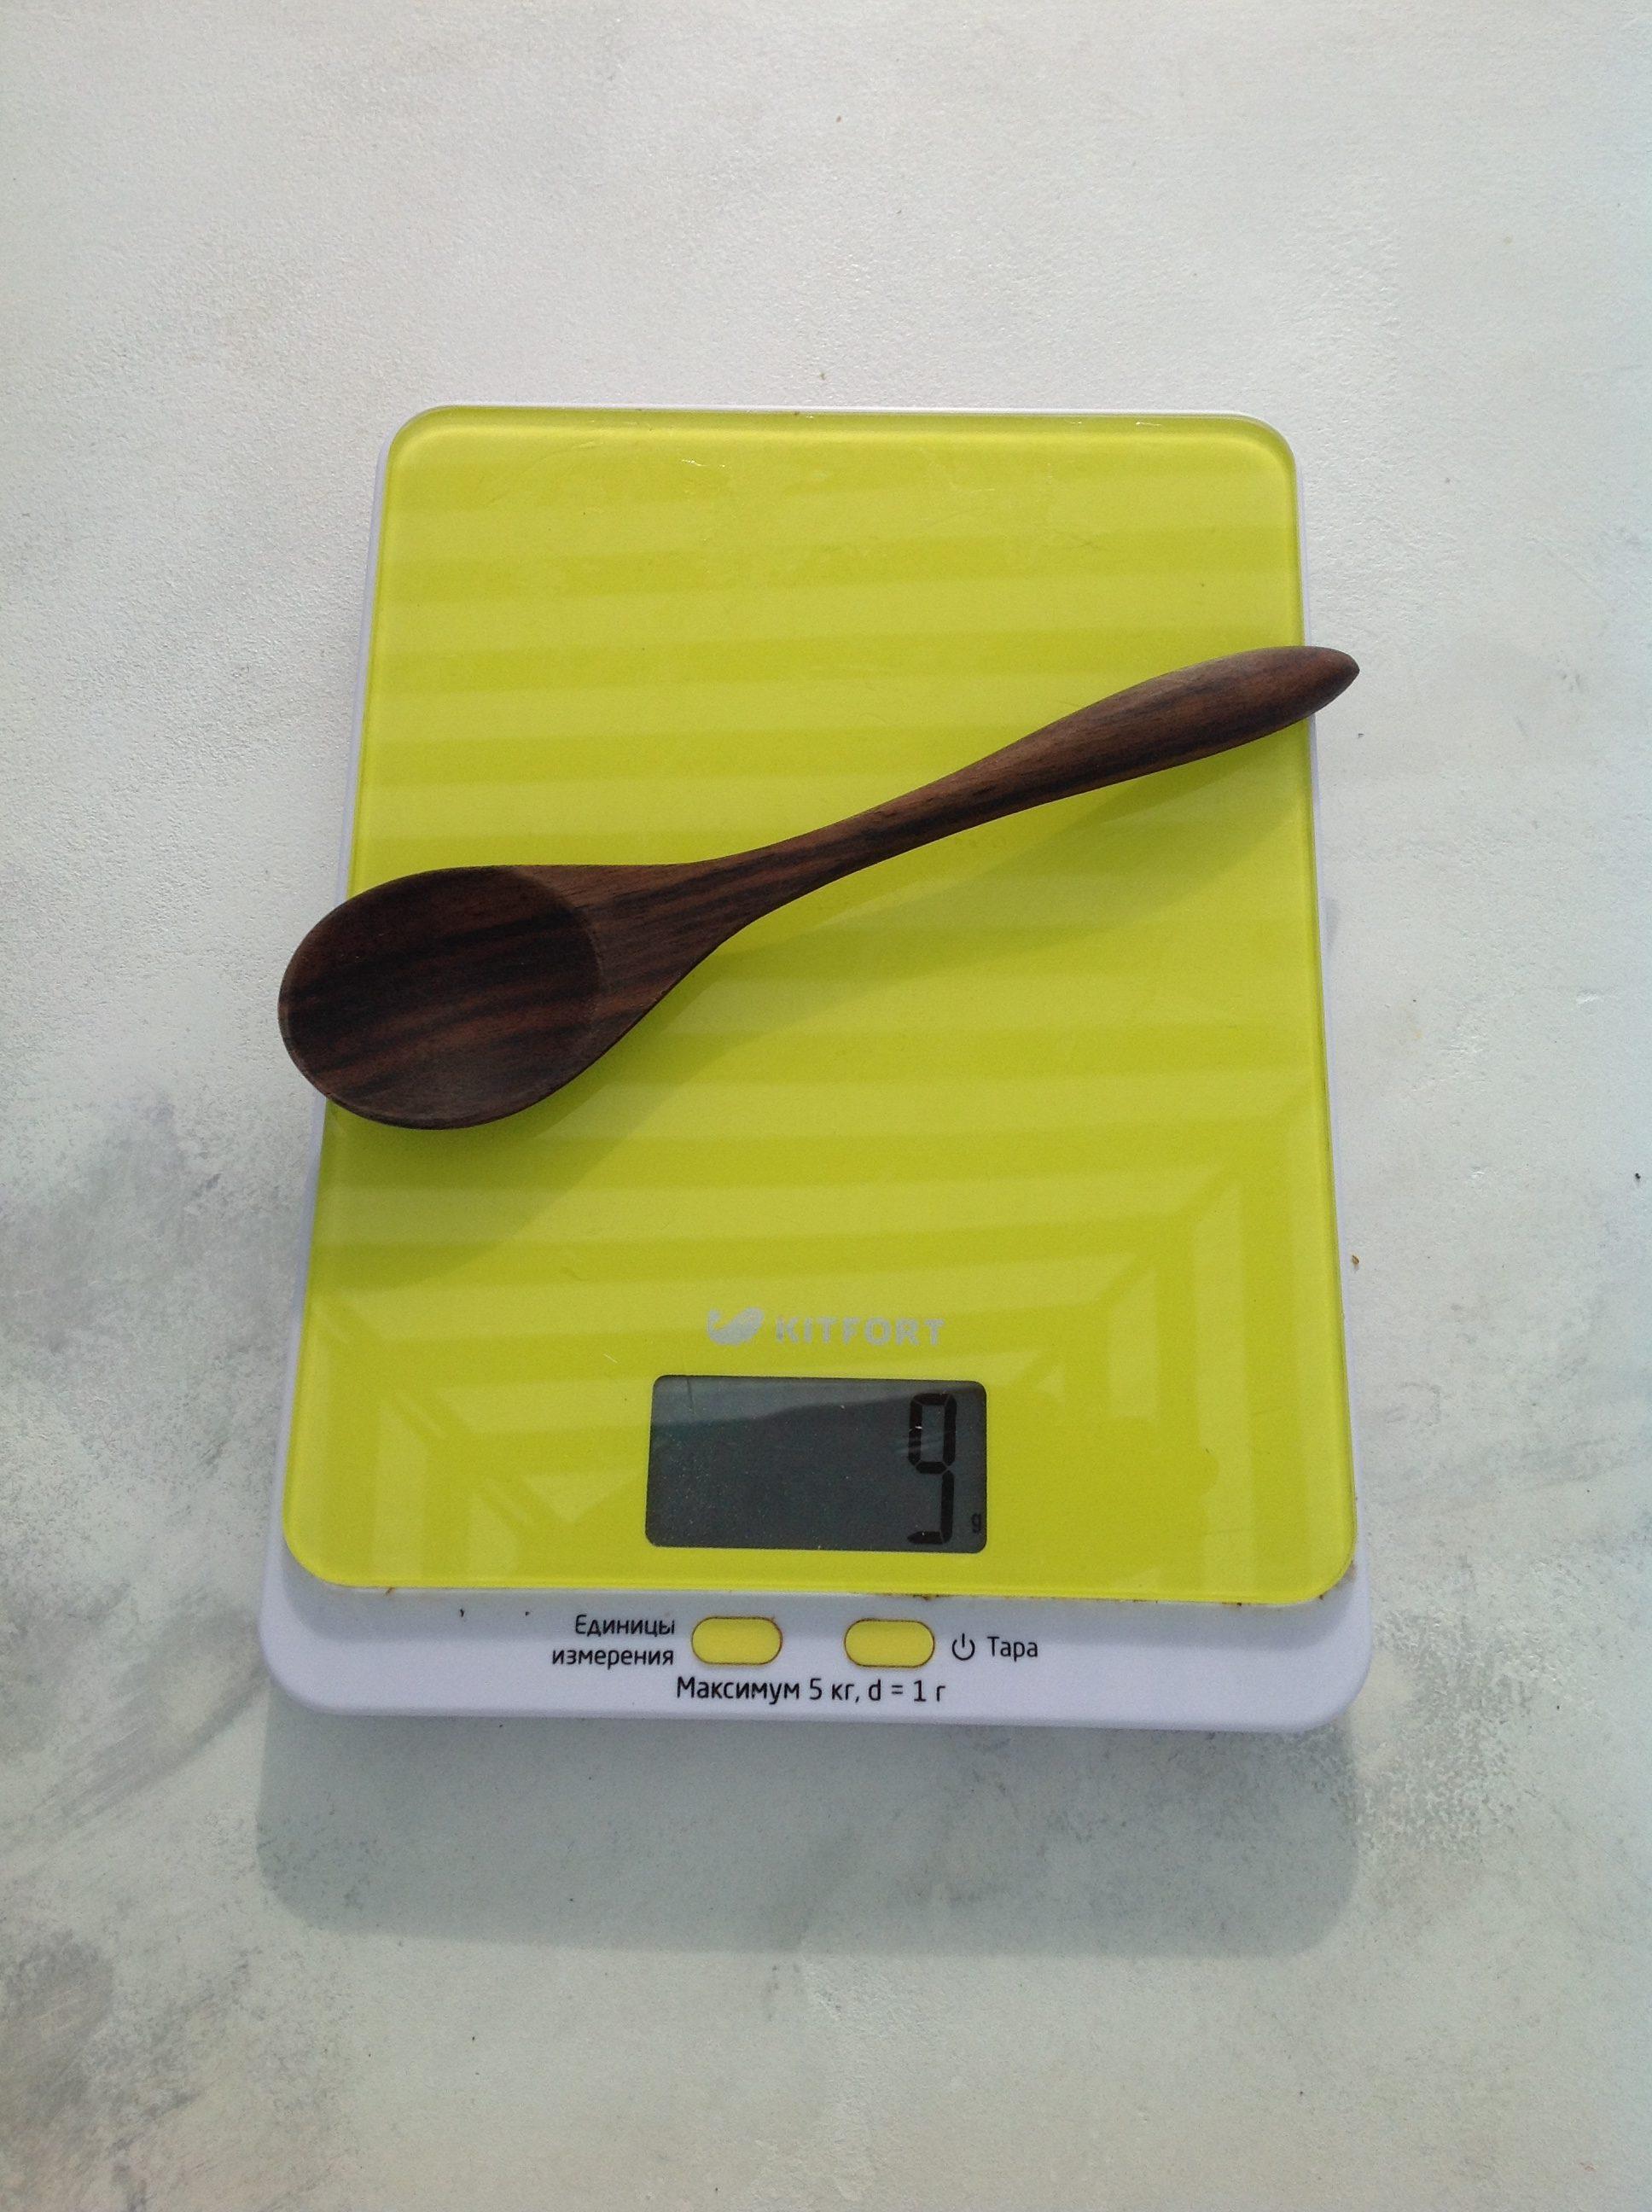 вес ложки деревянной средней